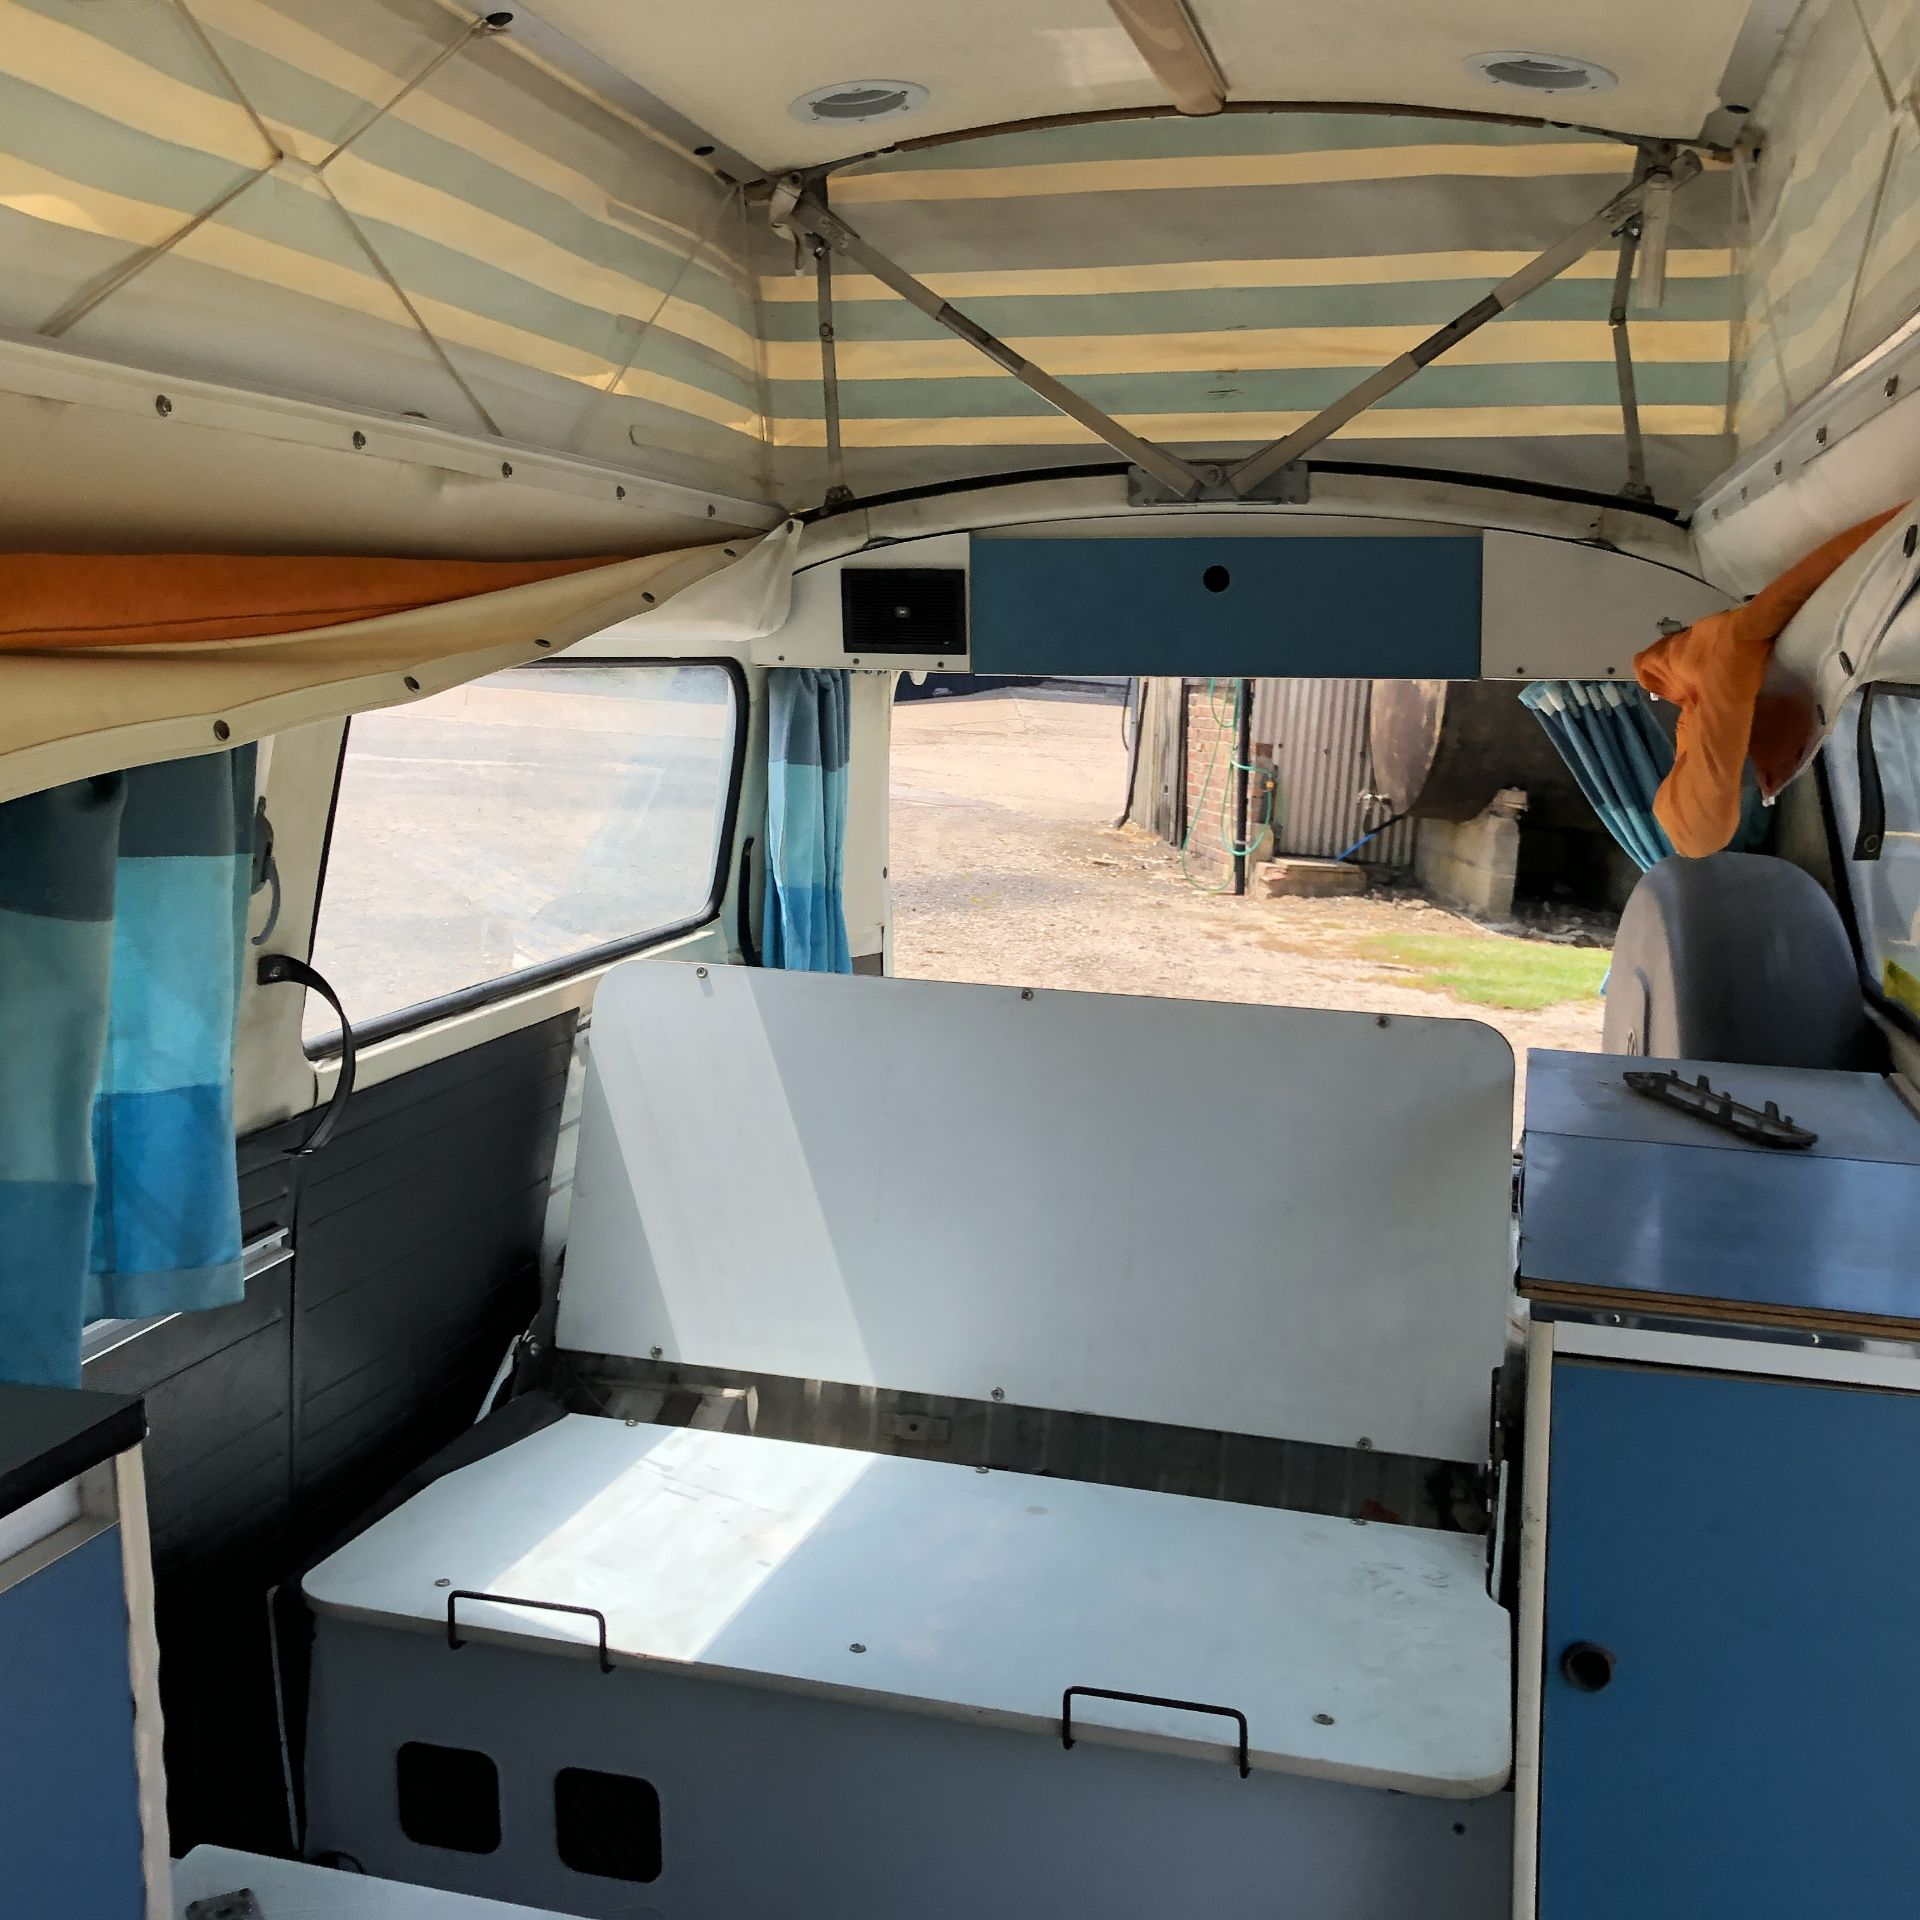 VW Microbus 8 Seater Caravanette Devon - 'Mr Blue' Petrol, Registration UMH 420S, First Registered - Image 43 of 47